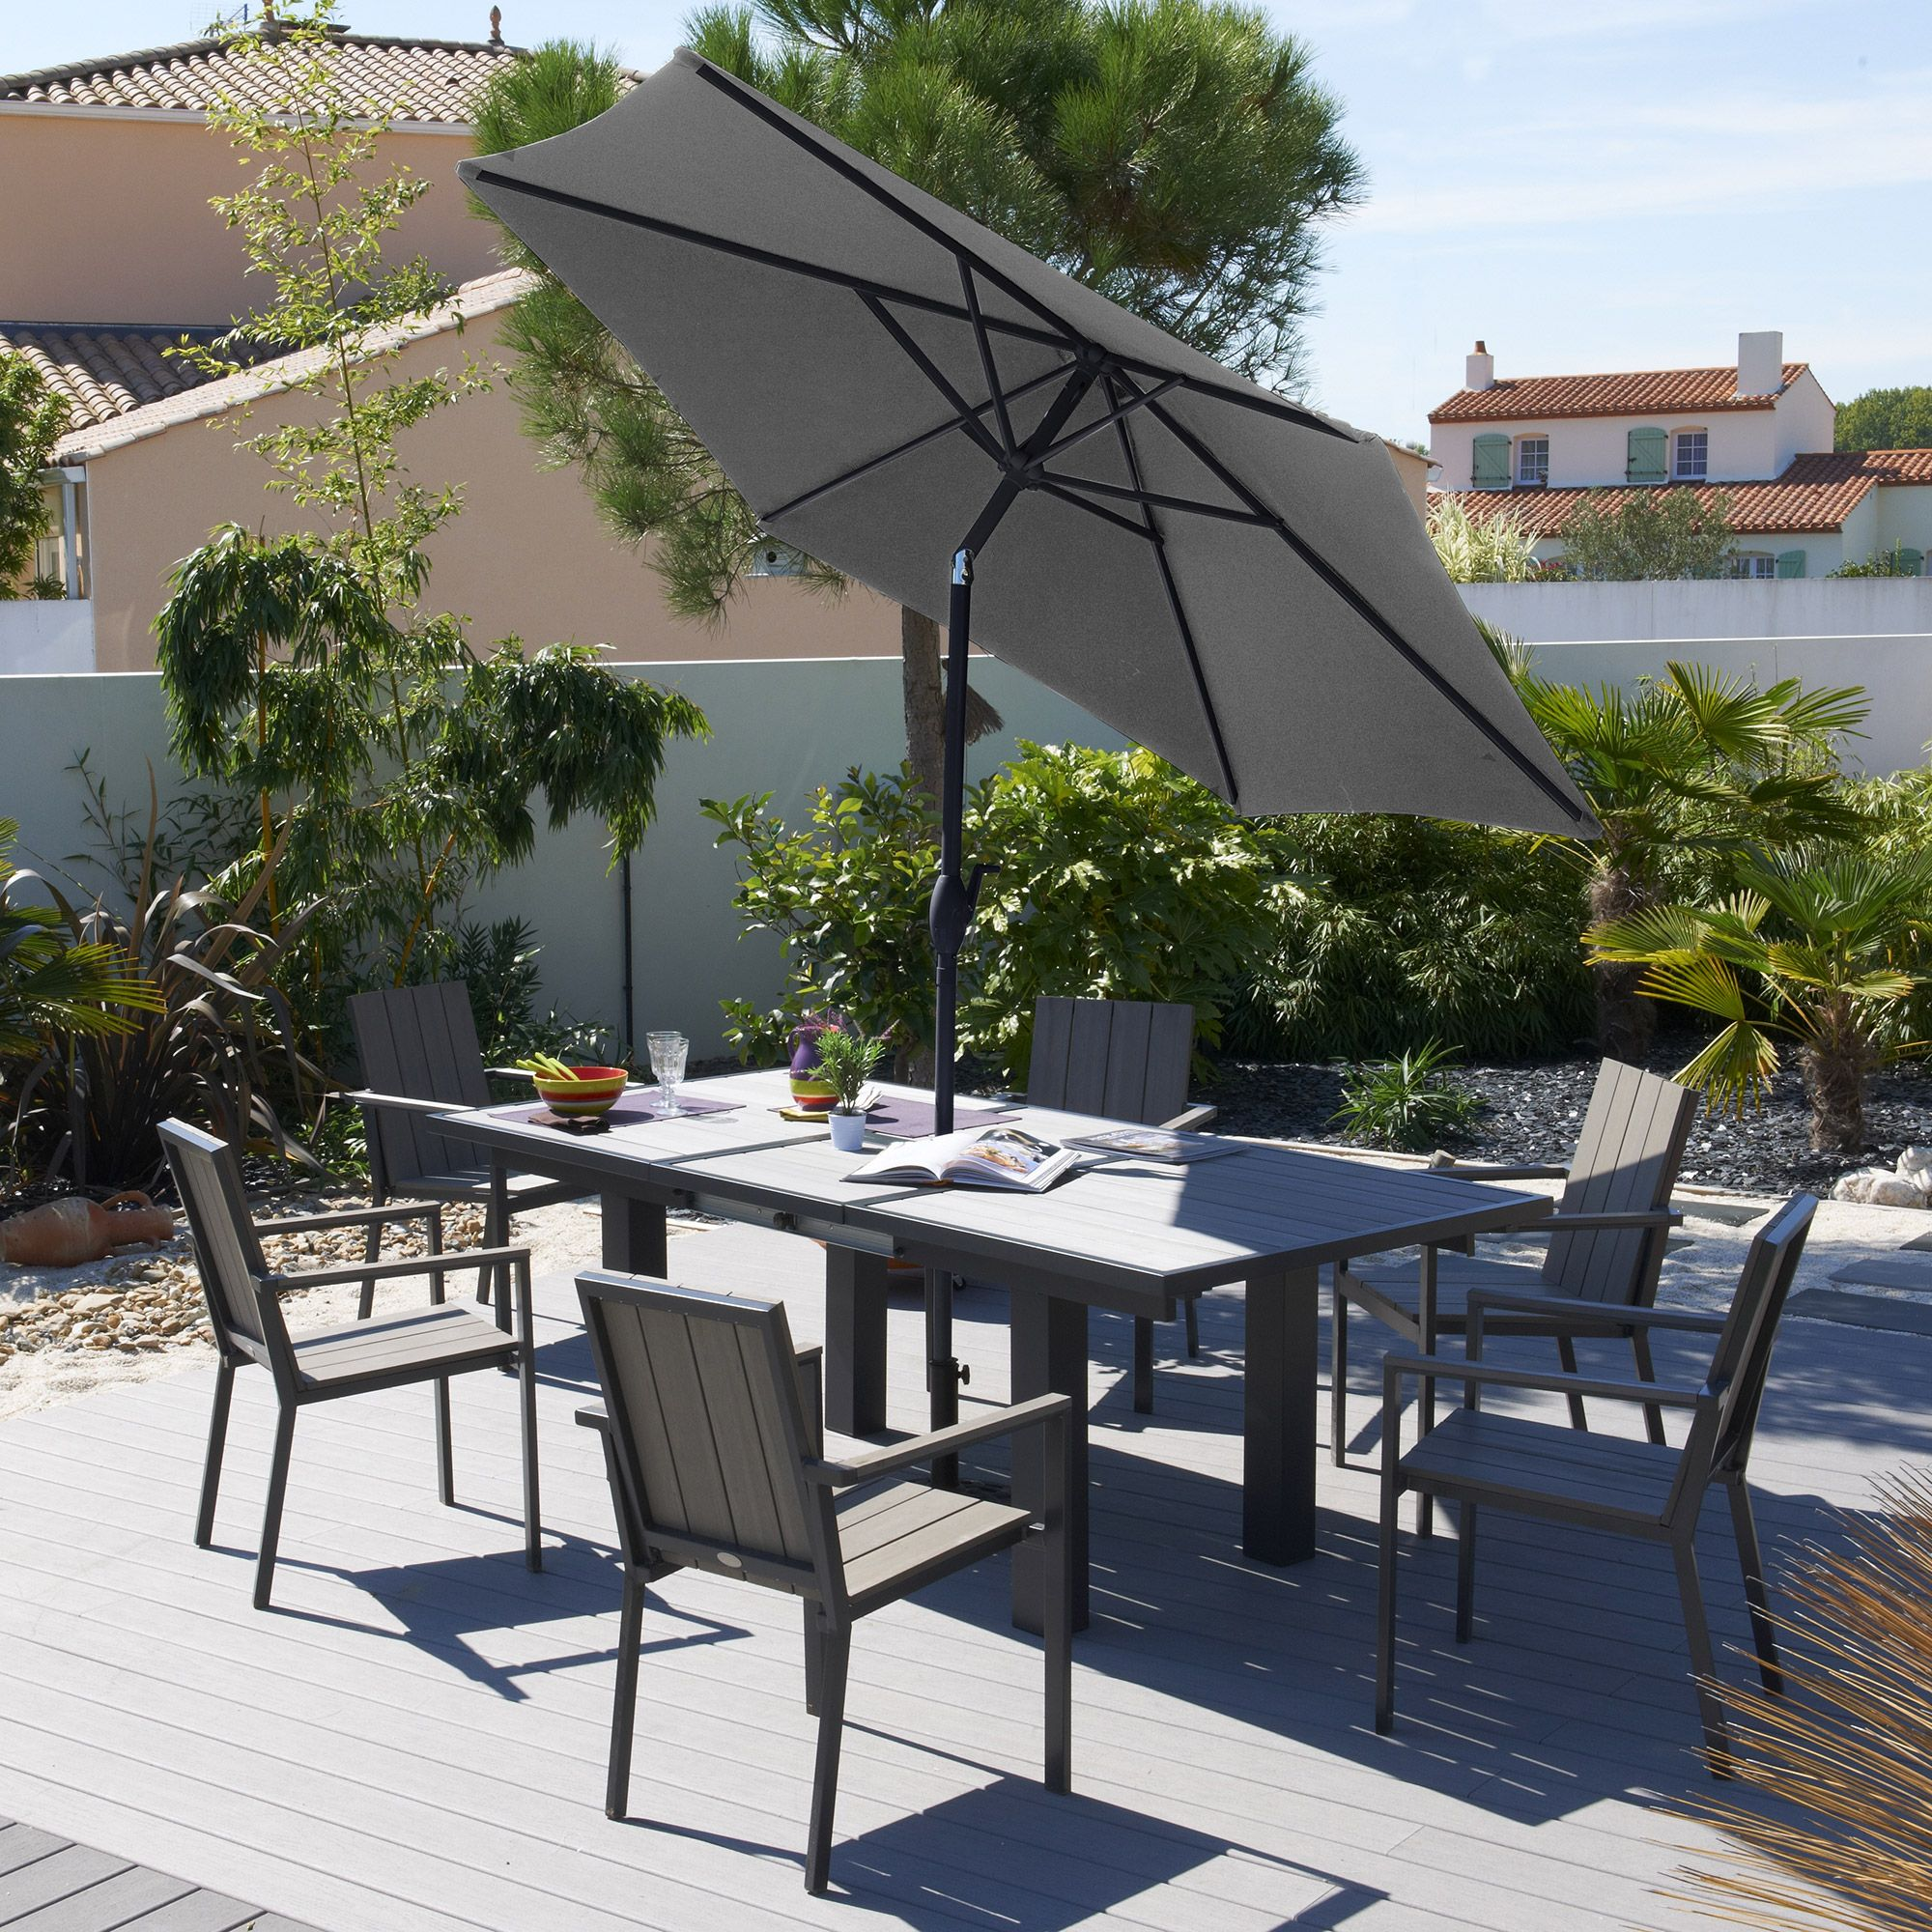 parfait pour cet t salon jardin 6 places aluminium bois composite 6 fauteuils sunithala. Black Bedroom Furniture Sets. Home Design Ideas